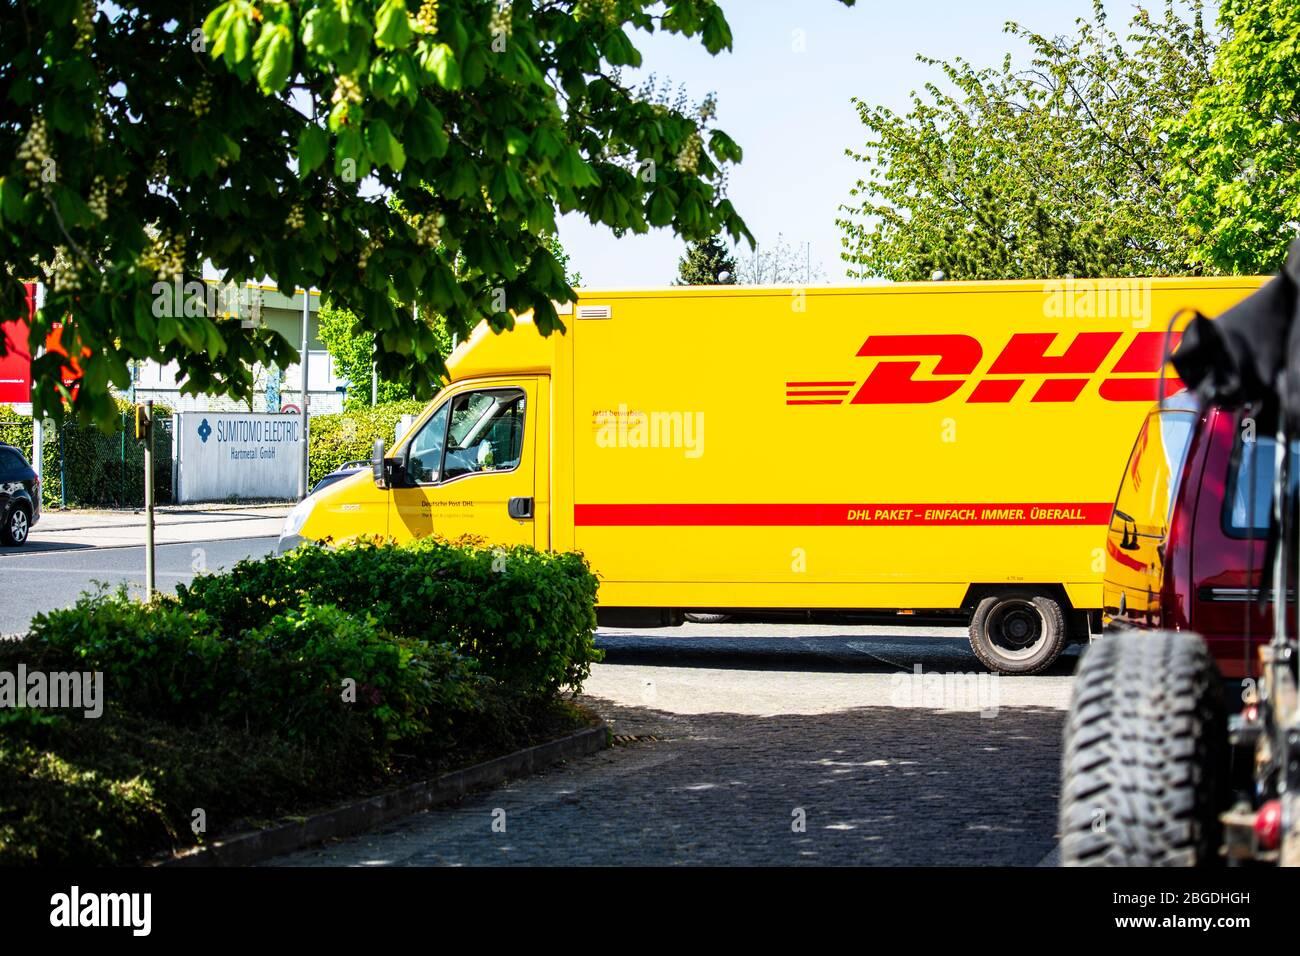 Ein Fahrzeug des Paketdienstleisters DHL liefert im Willicher Industriegebiet Pakete. Aktuell ist DHL wegen der Corona-KRise stark belastet. Banque D'Images